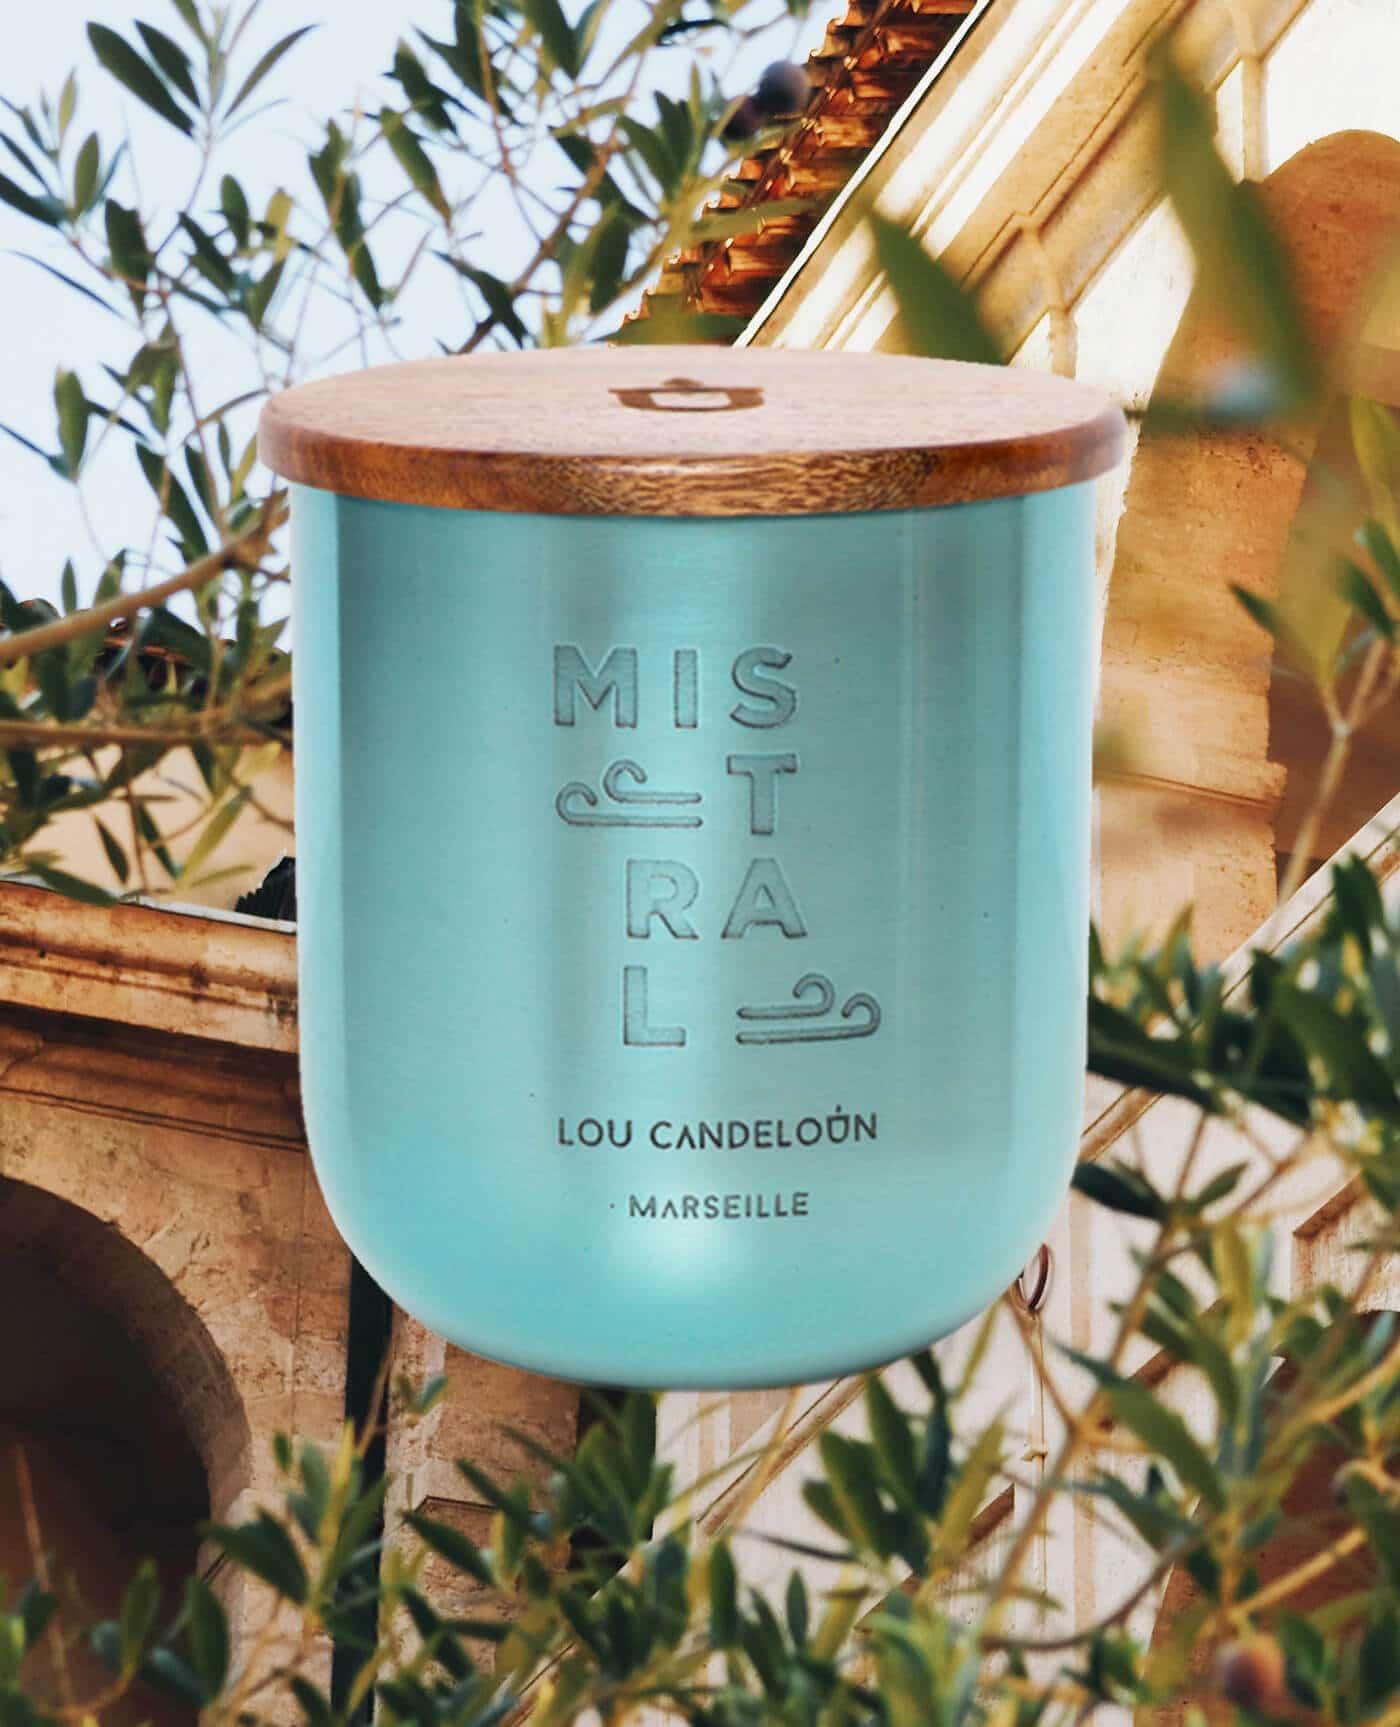 Bougie naturelle parfumée Mistral senteur Bergamote et bois d'olivier de la marque Made in France Lou Candeloun